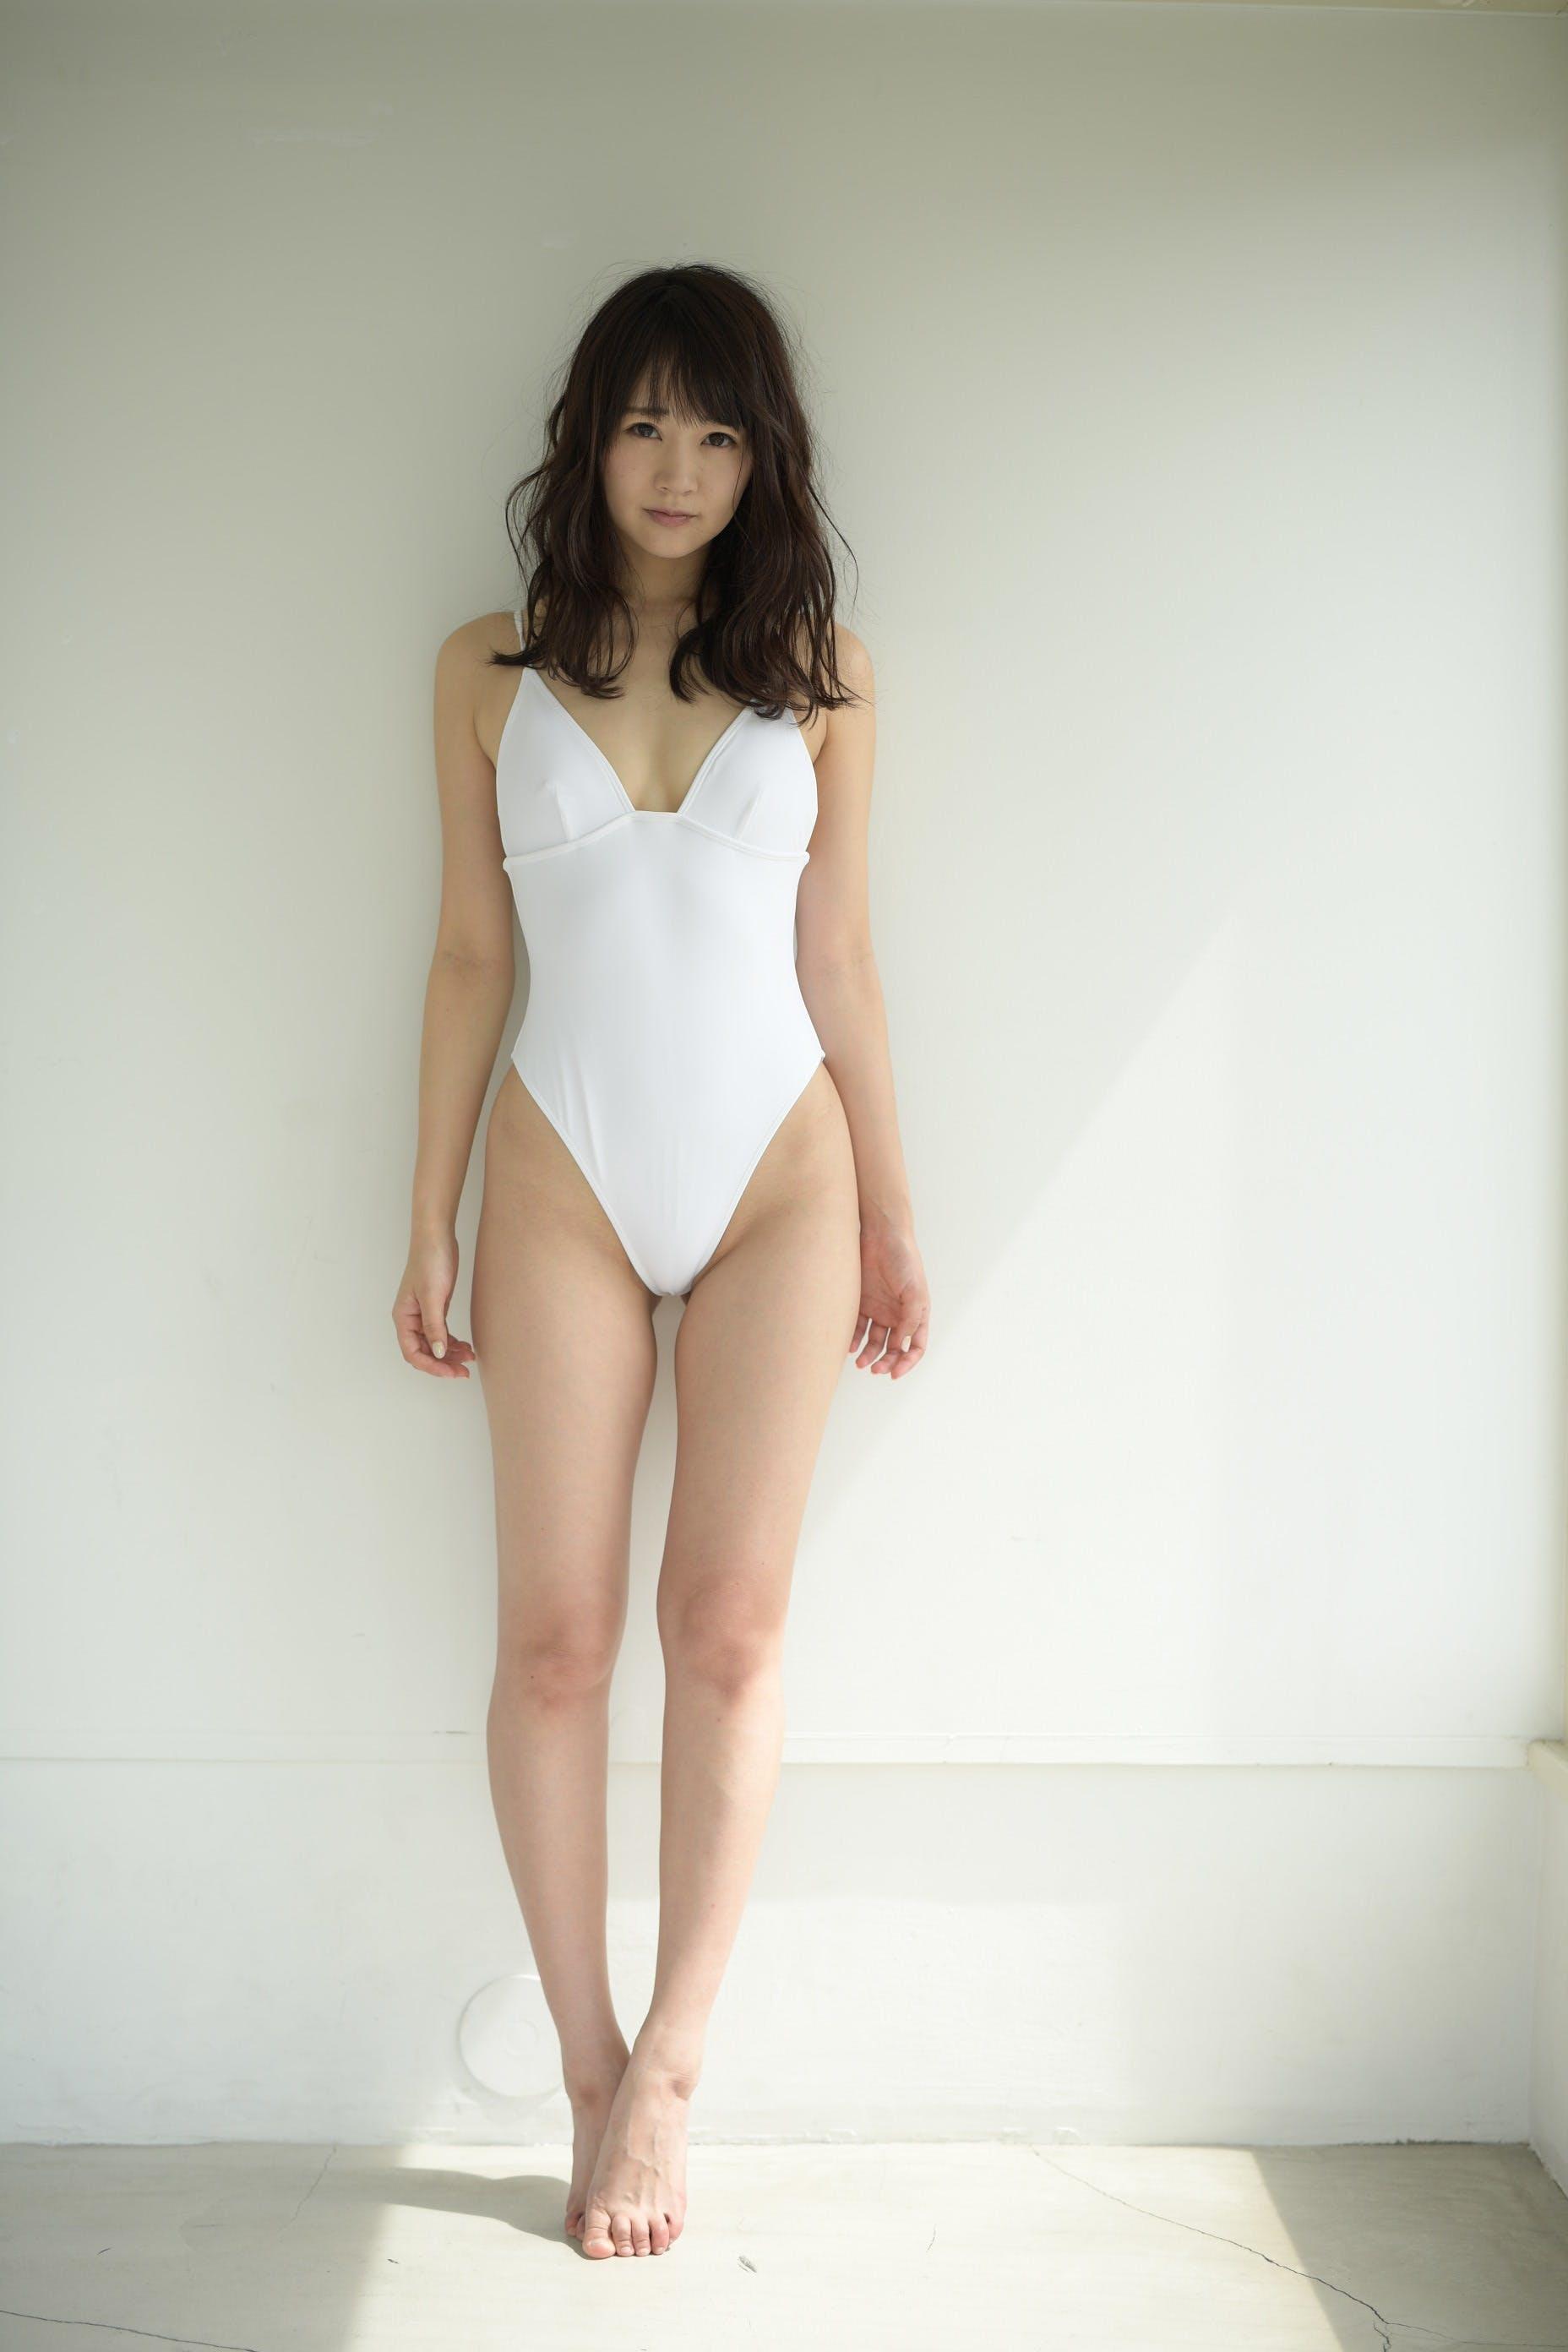 浜田翔子デビュー15周年記念! 写真集制作プロジェクト